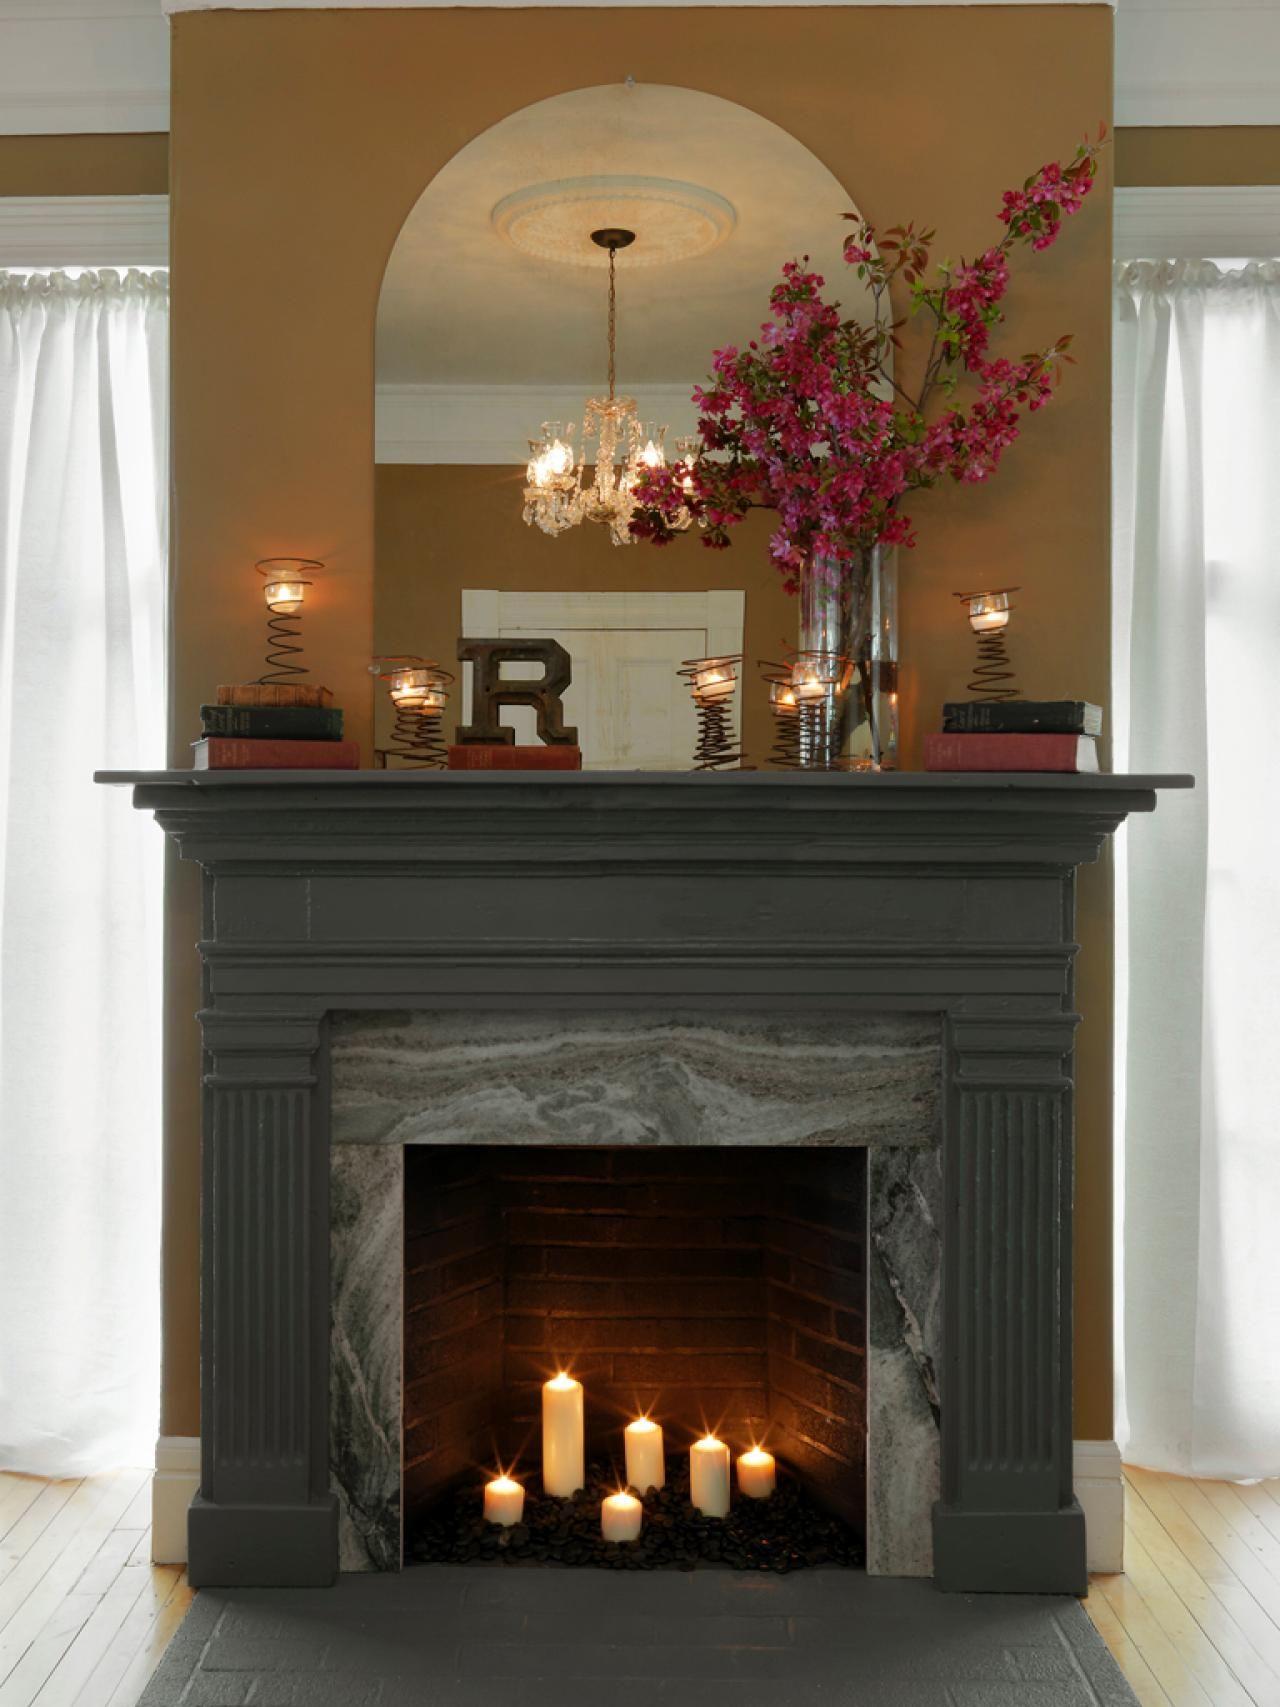 How to Make a Fireplace Mantel Using an Old Door Frame | Einrichten ...